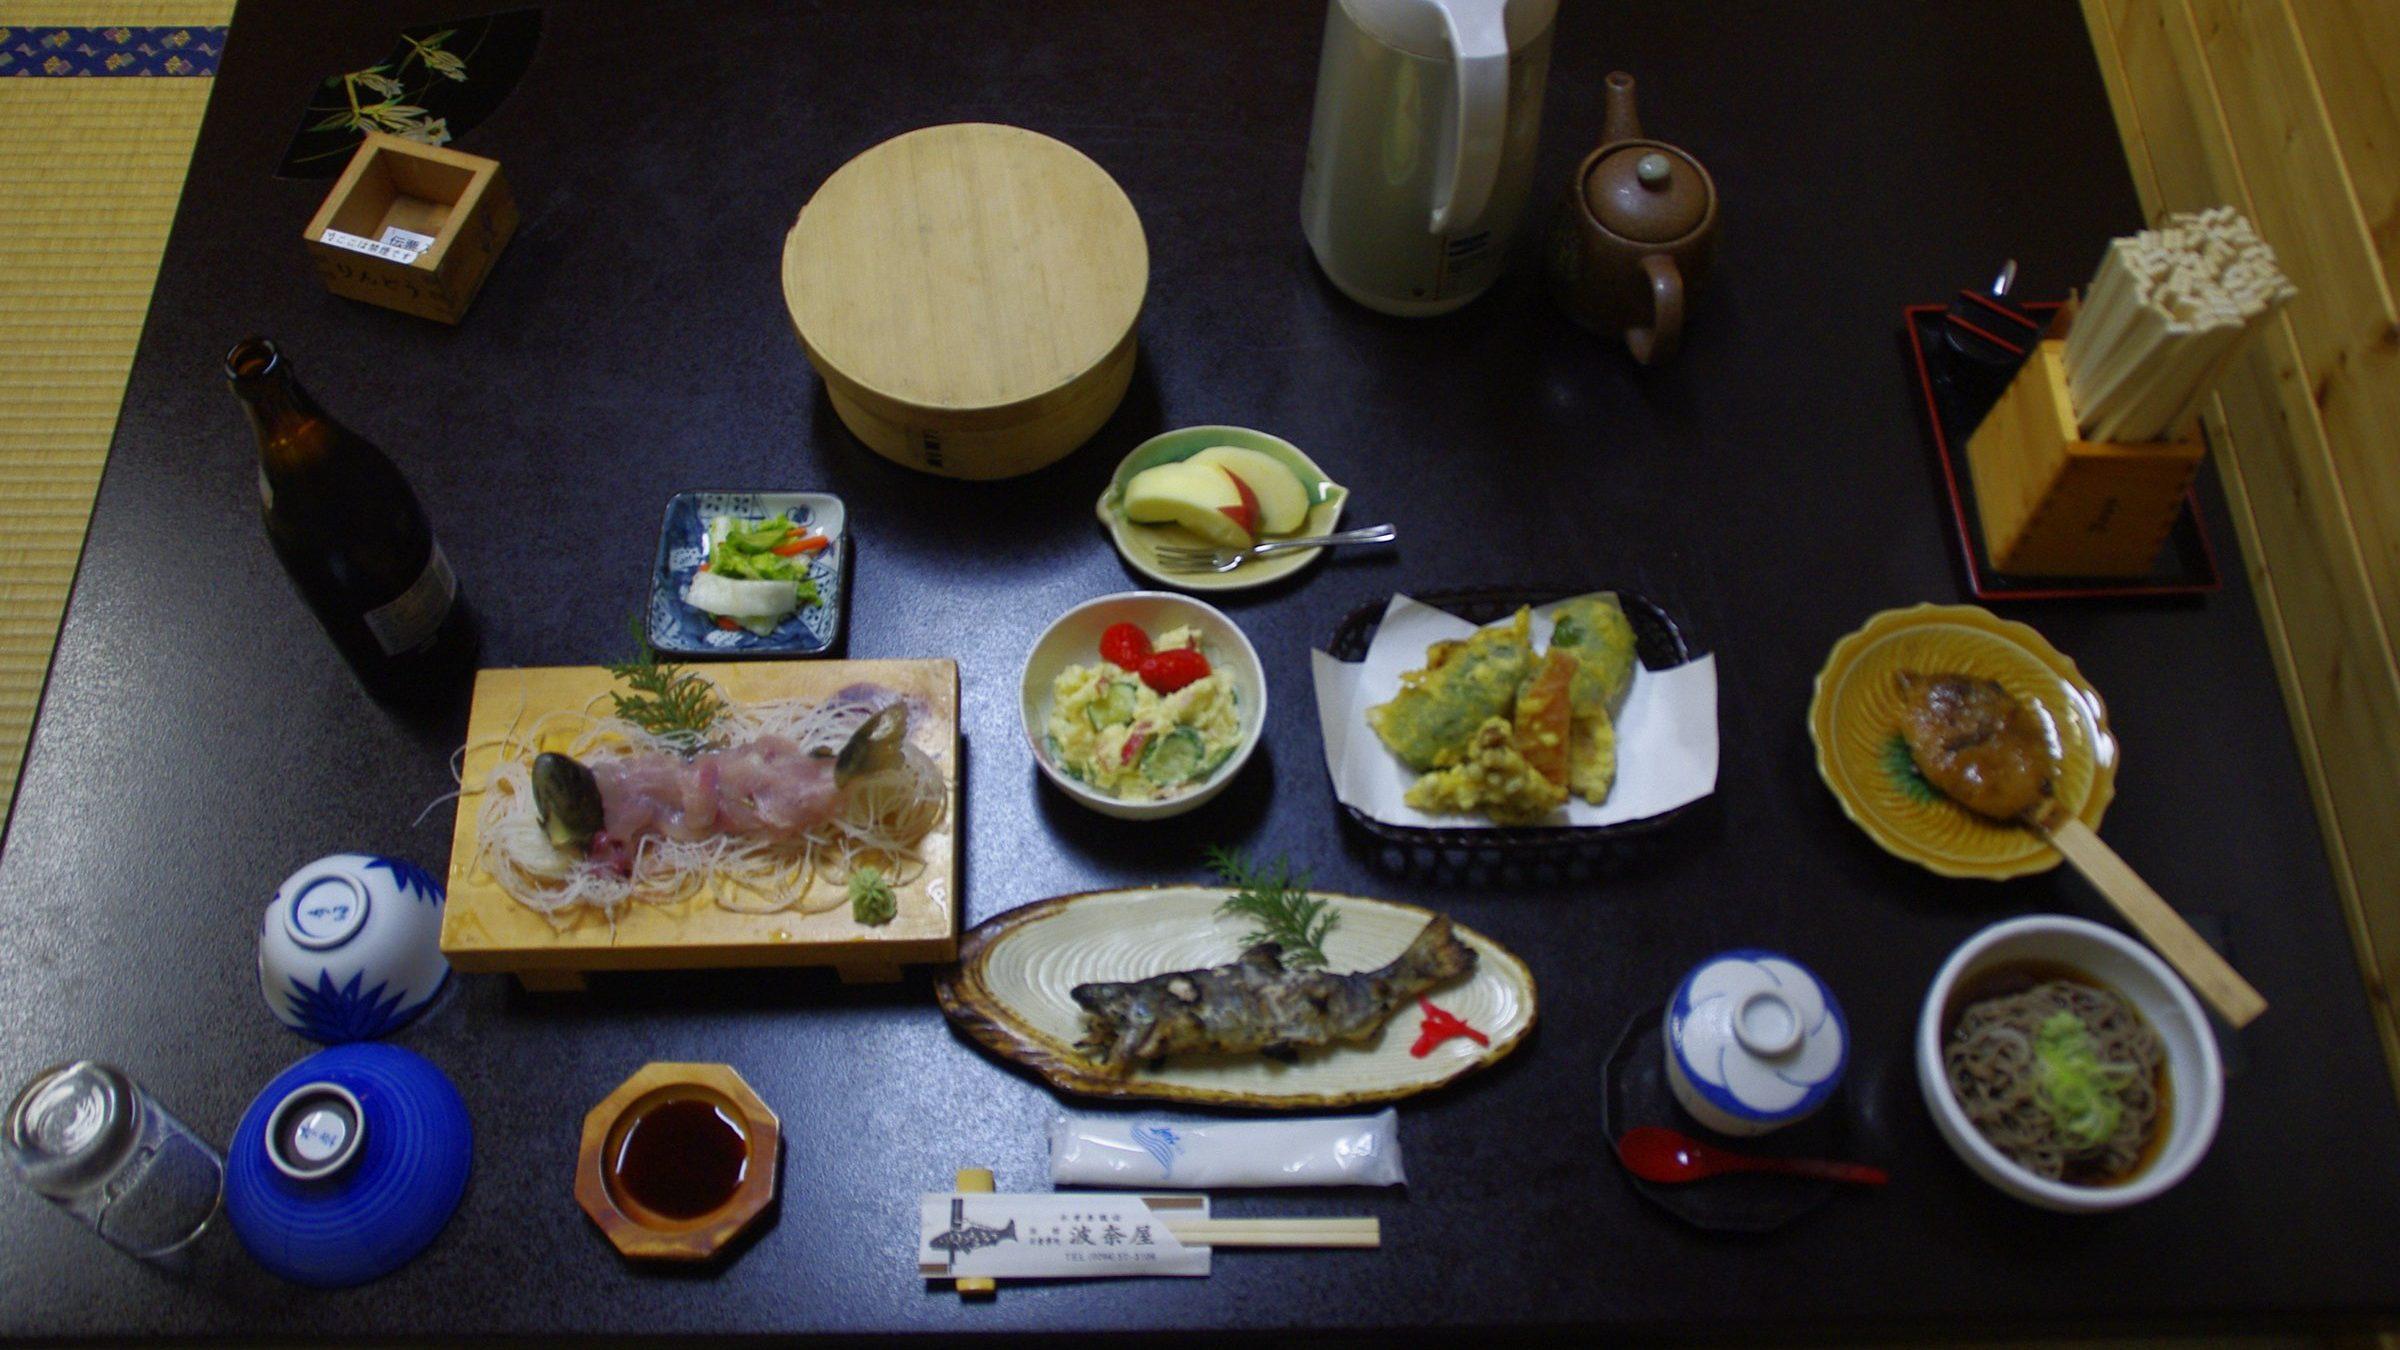 Hanaya, Tsumago, Abendessen (übernachtet in 2012)